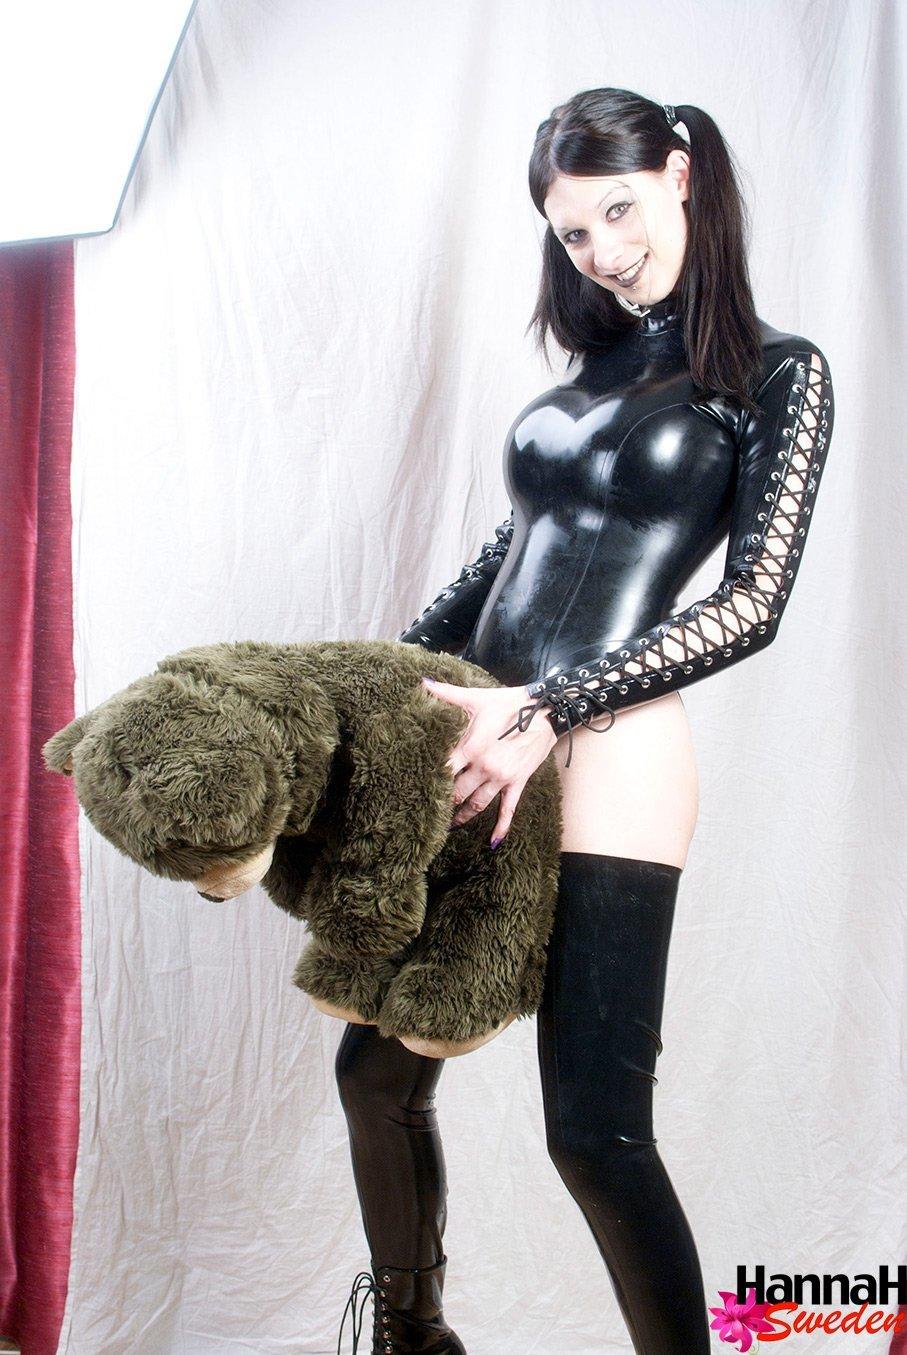 Fetish T-Girl HANNAH SWEDEN In Latex Spanking Her Bear